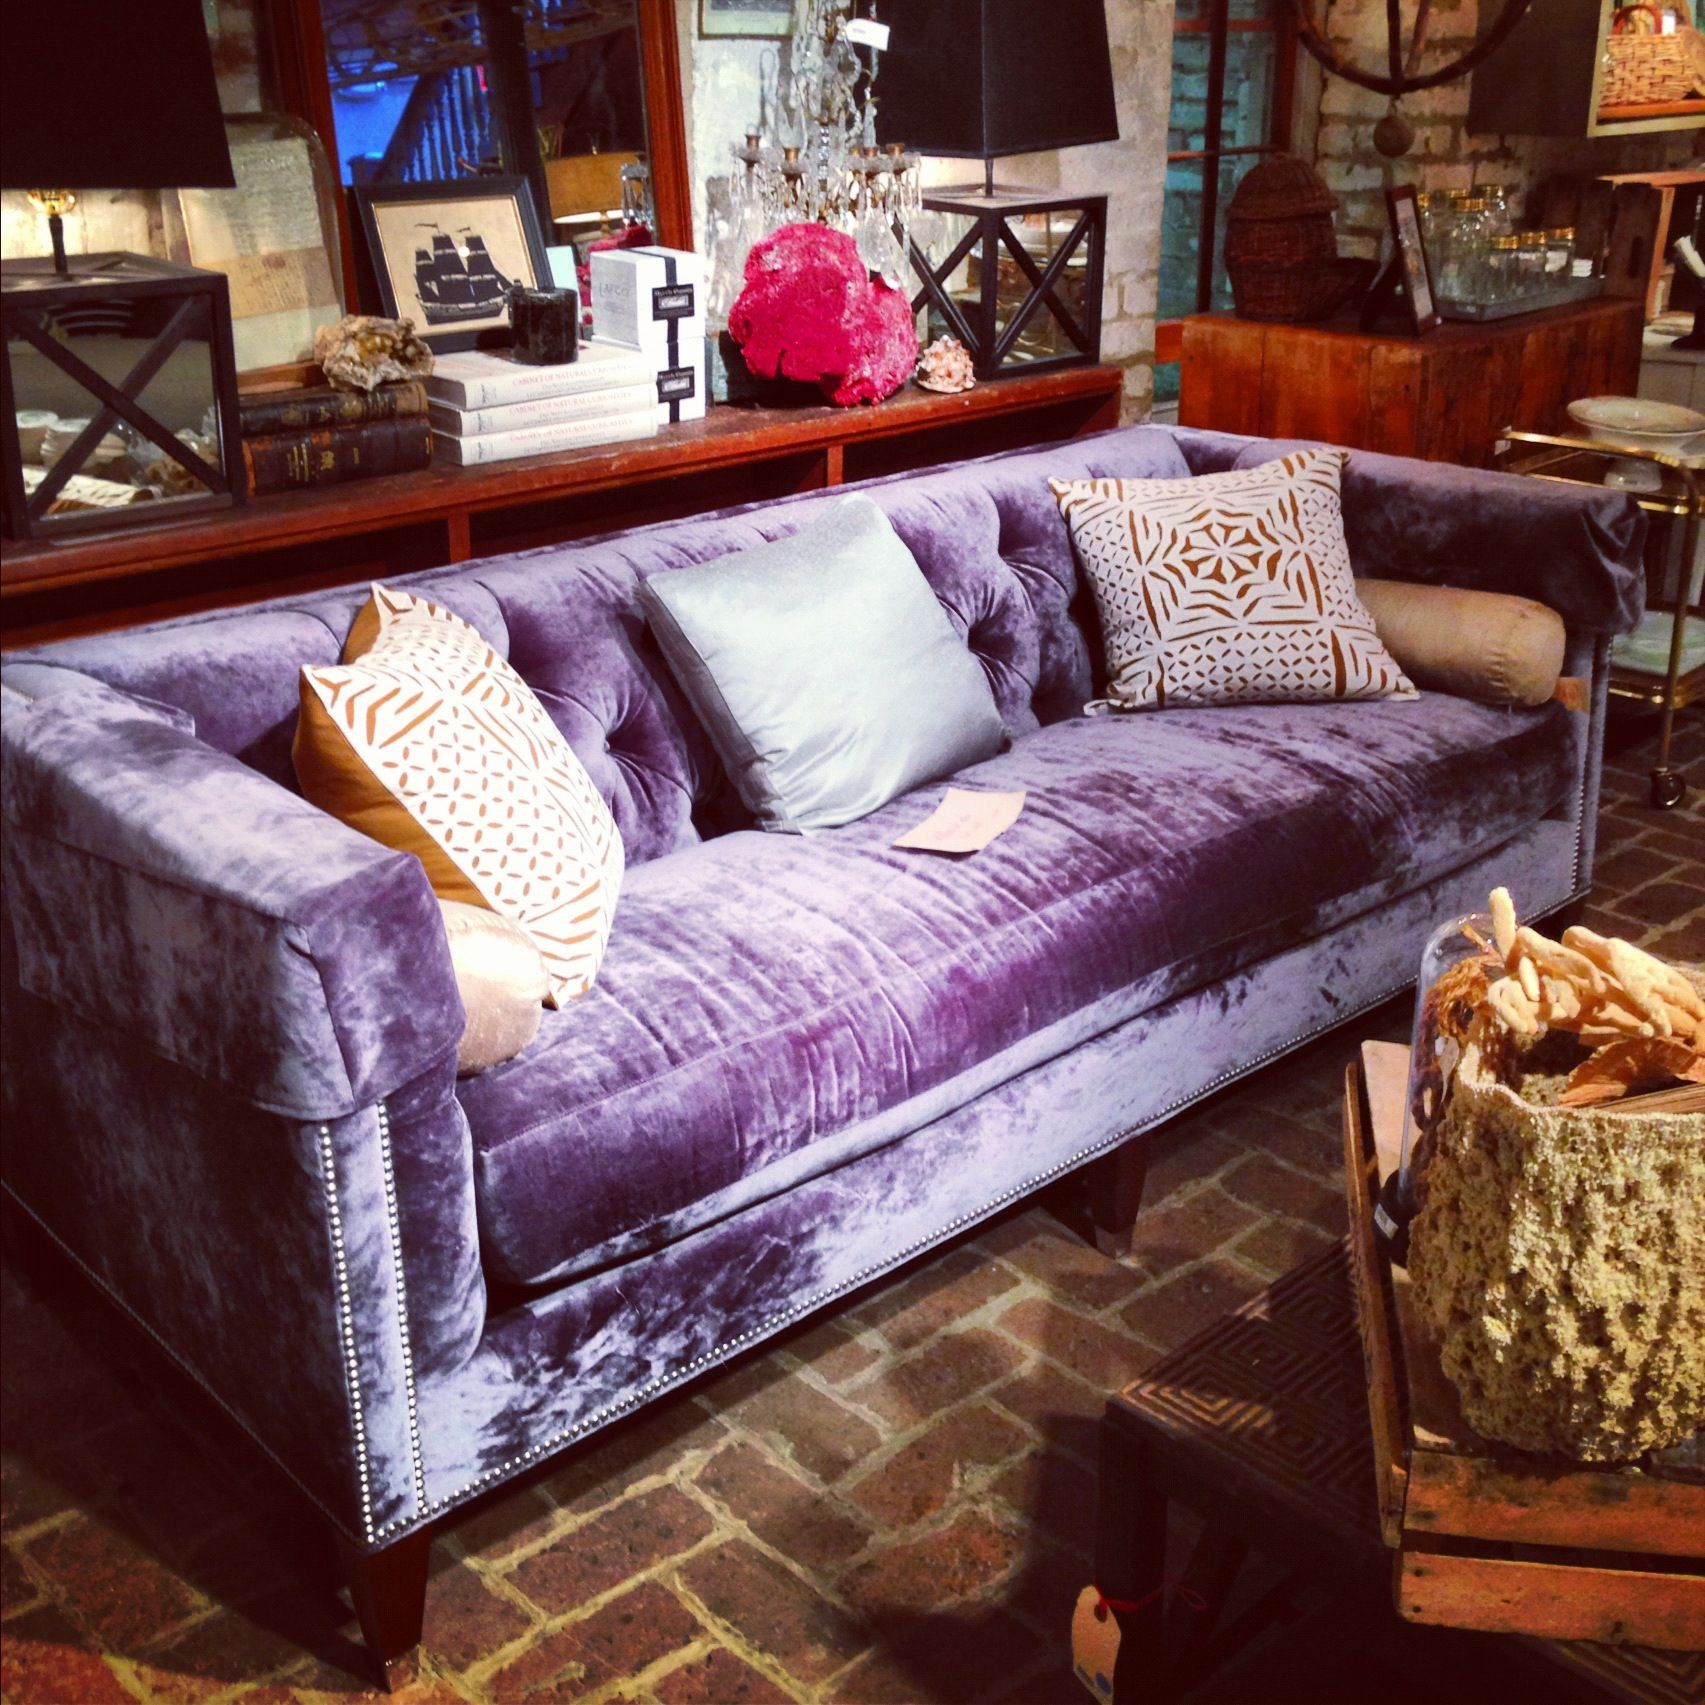 die besten 25 samtcouch ideen auf pinterest samt sofa blaue samtcouch und blaues samtsofa. Black Bedroom Furniture Sets. Home Design Ideas